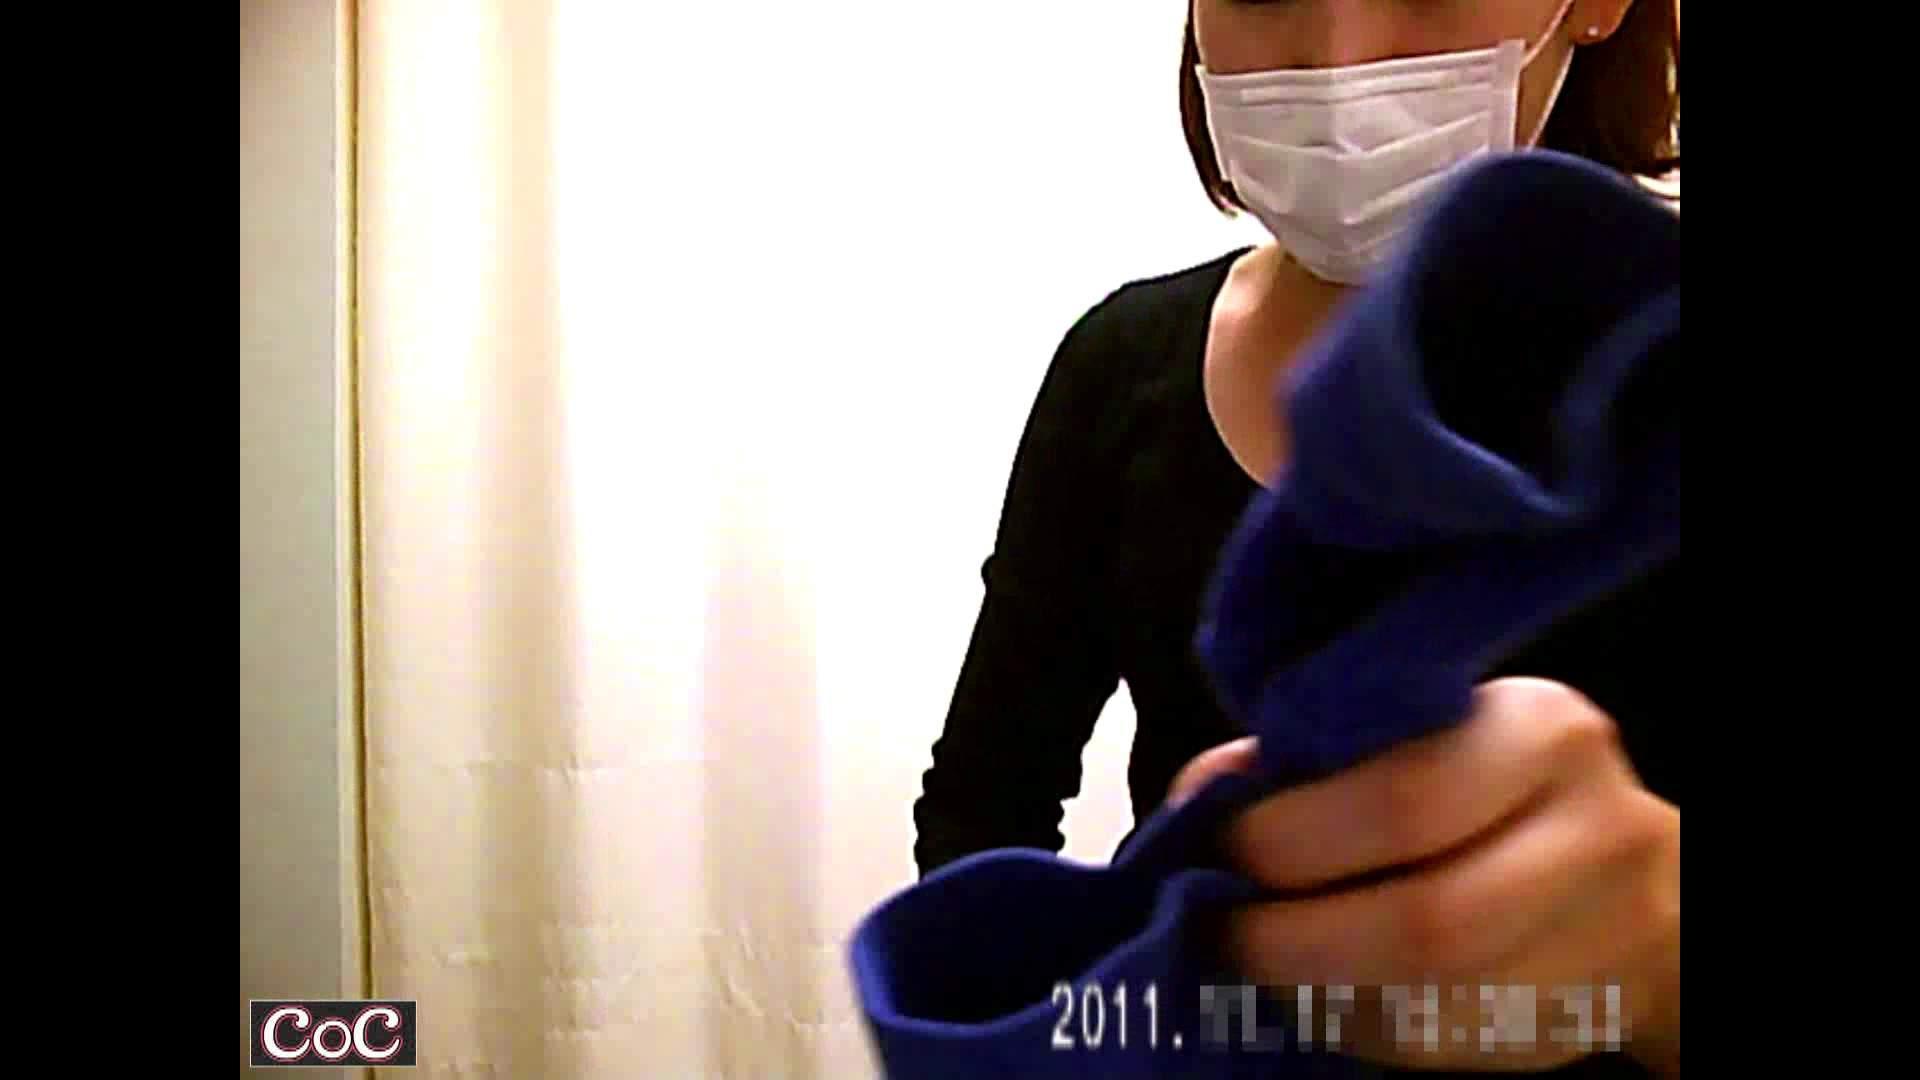 病院おもいっきり着替え! vol.96 巨乳 盗み撮り動画キャプチャ 89PICs 61